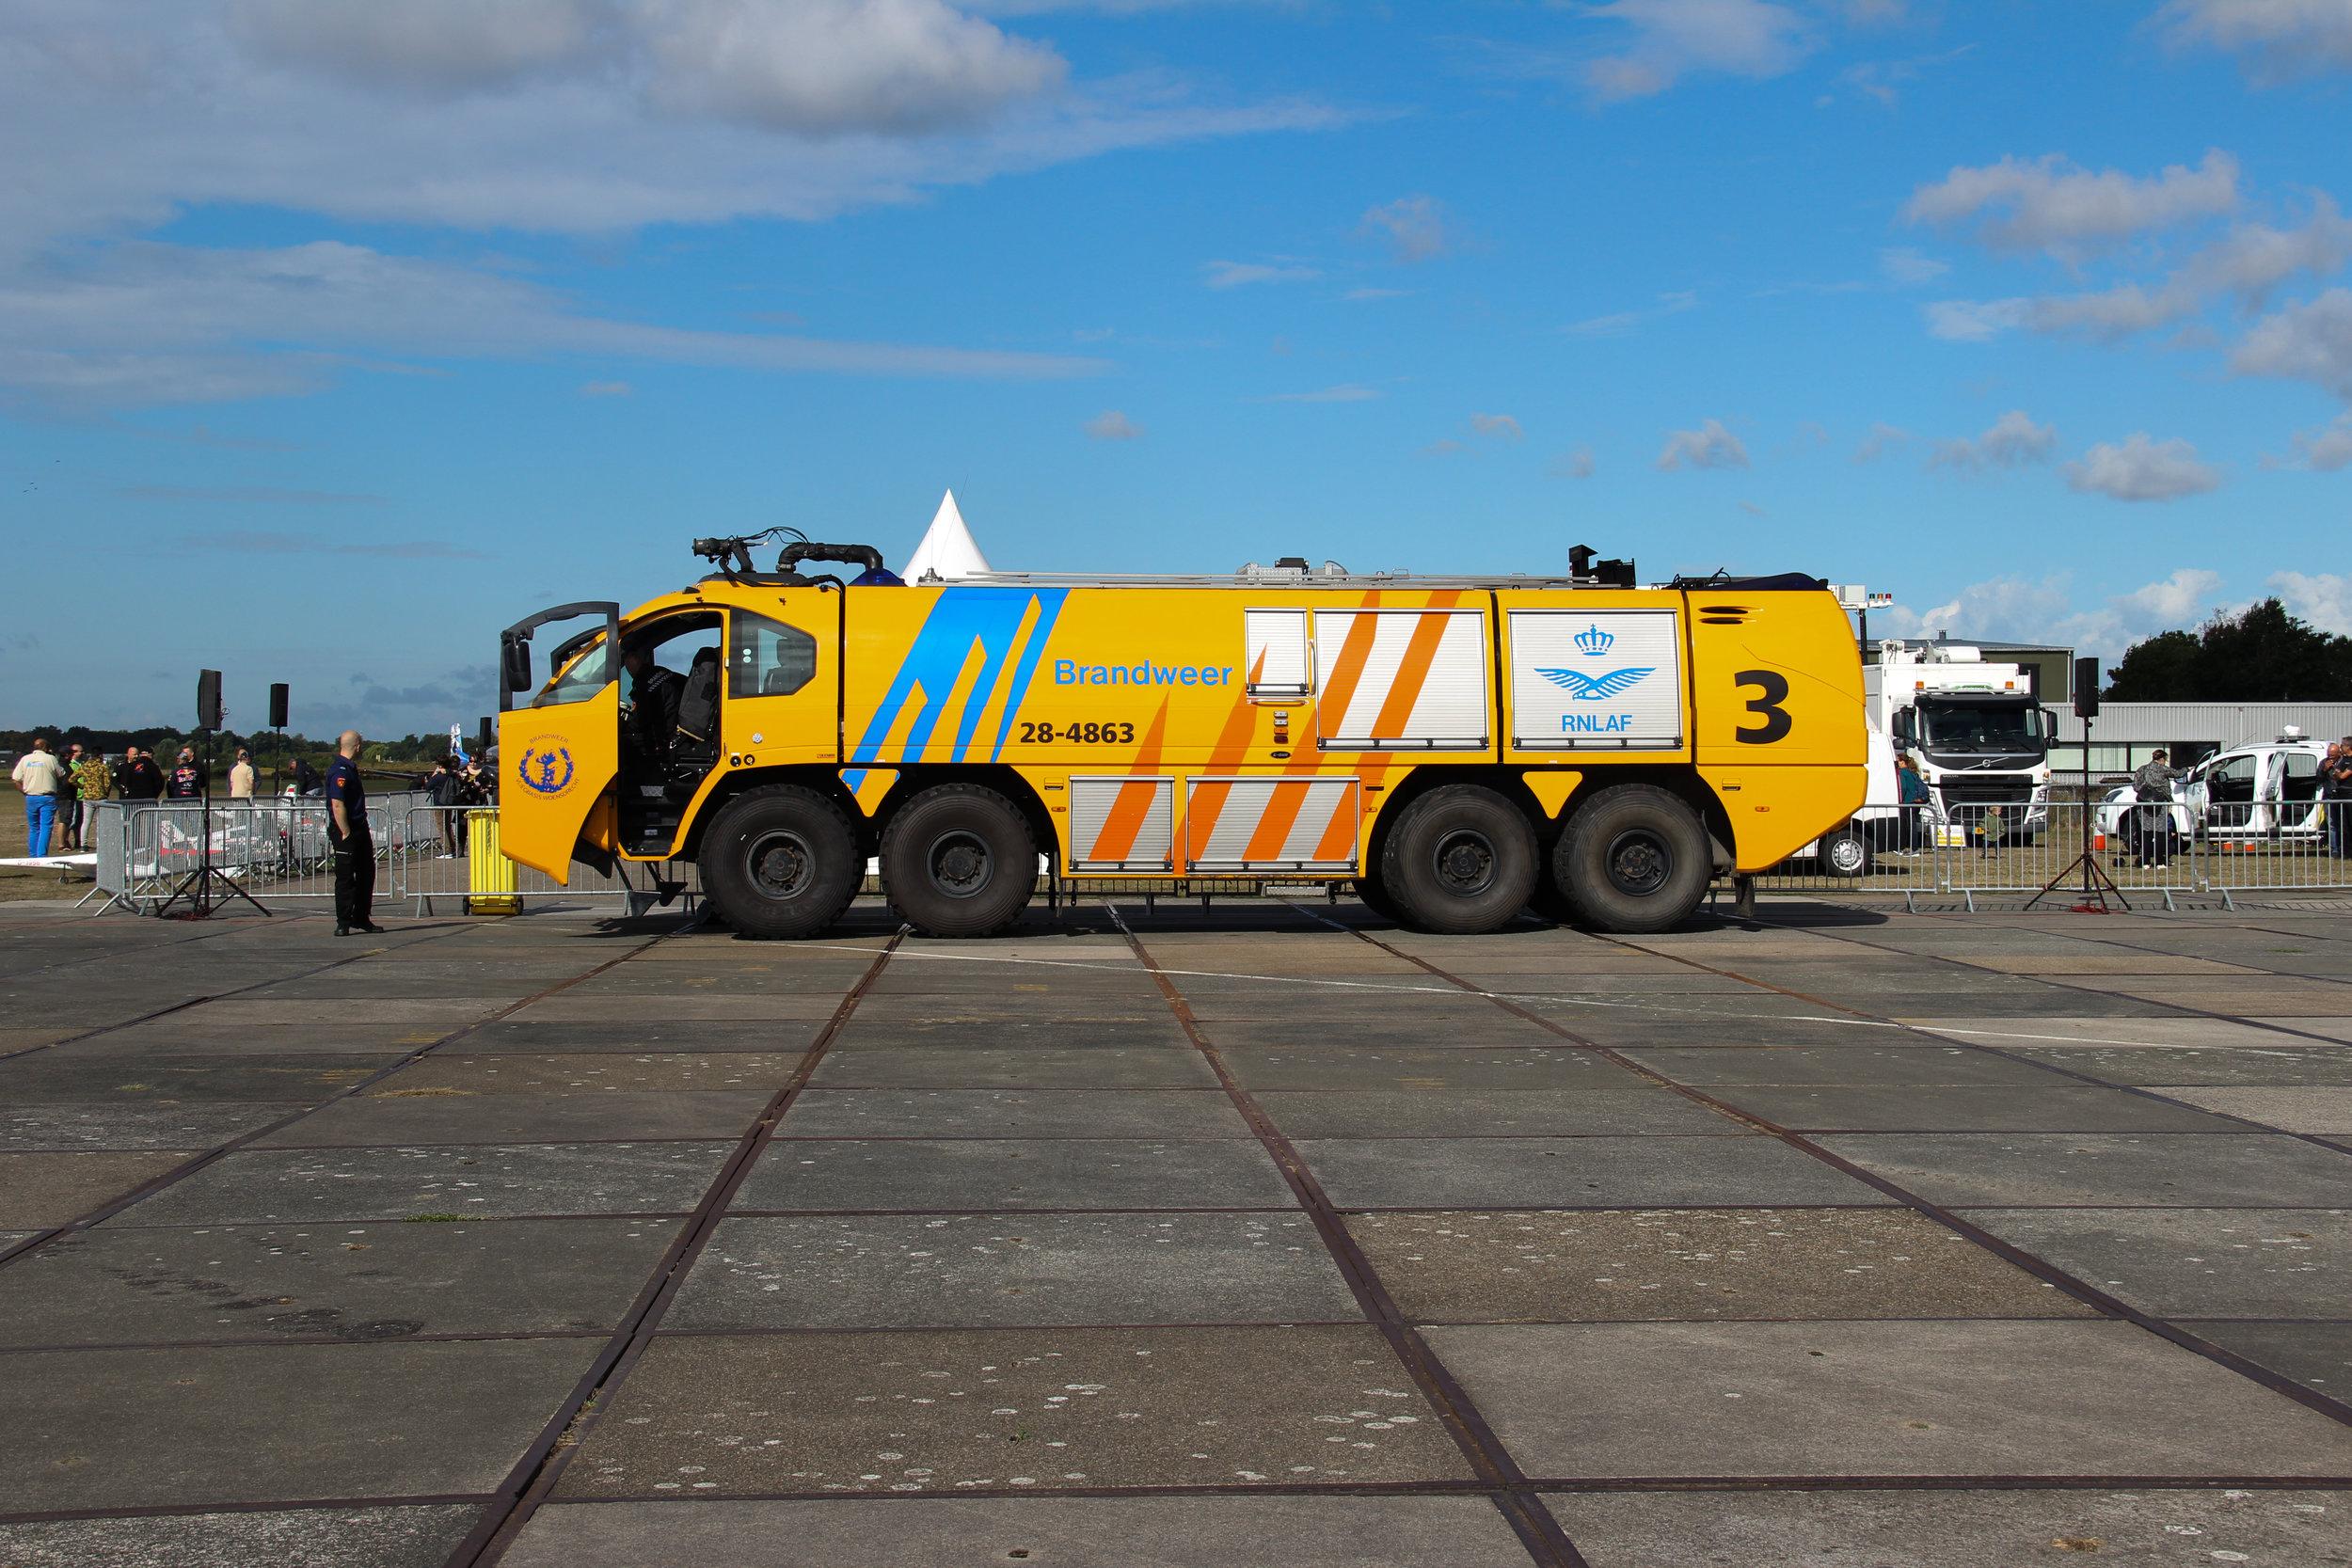 Crashtender Woensdrecht - Luchtvaart